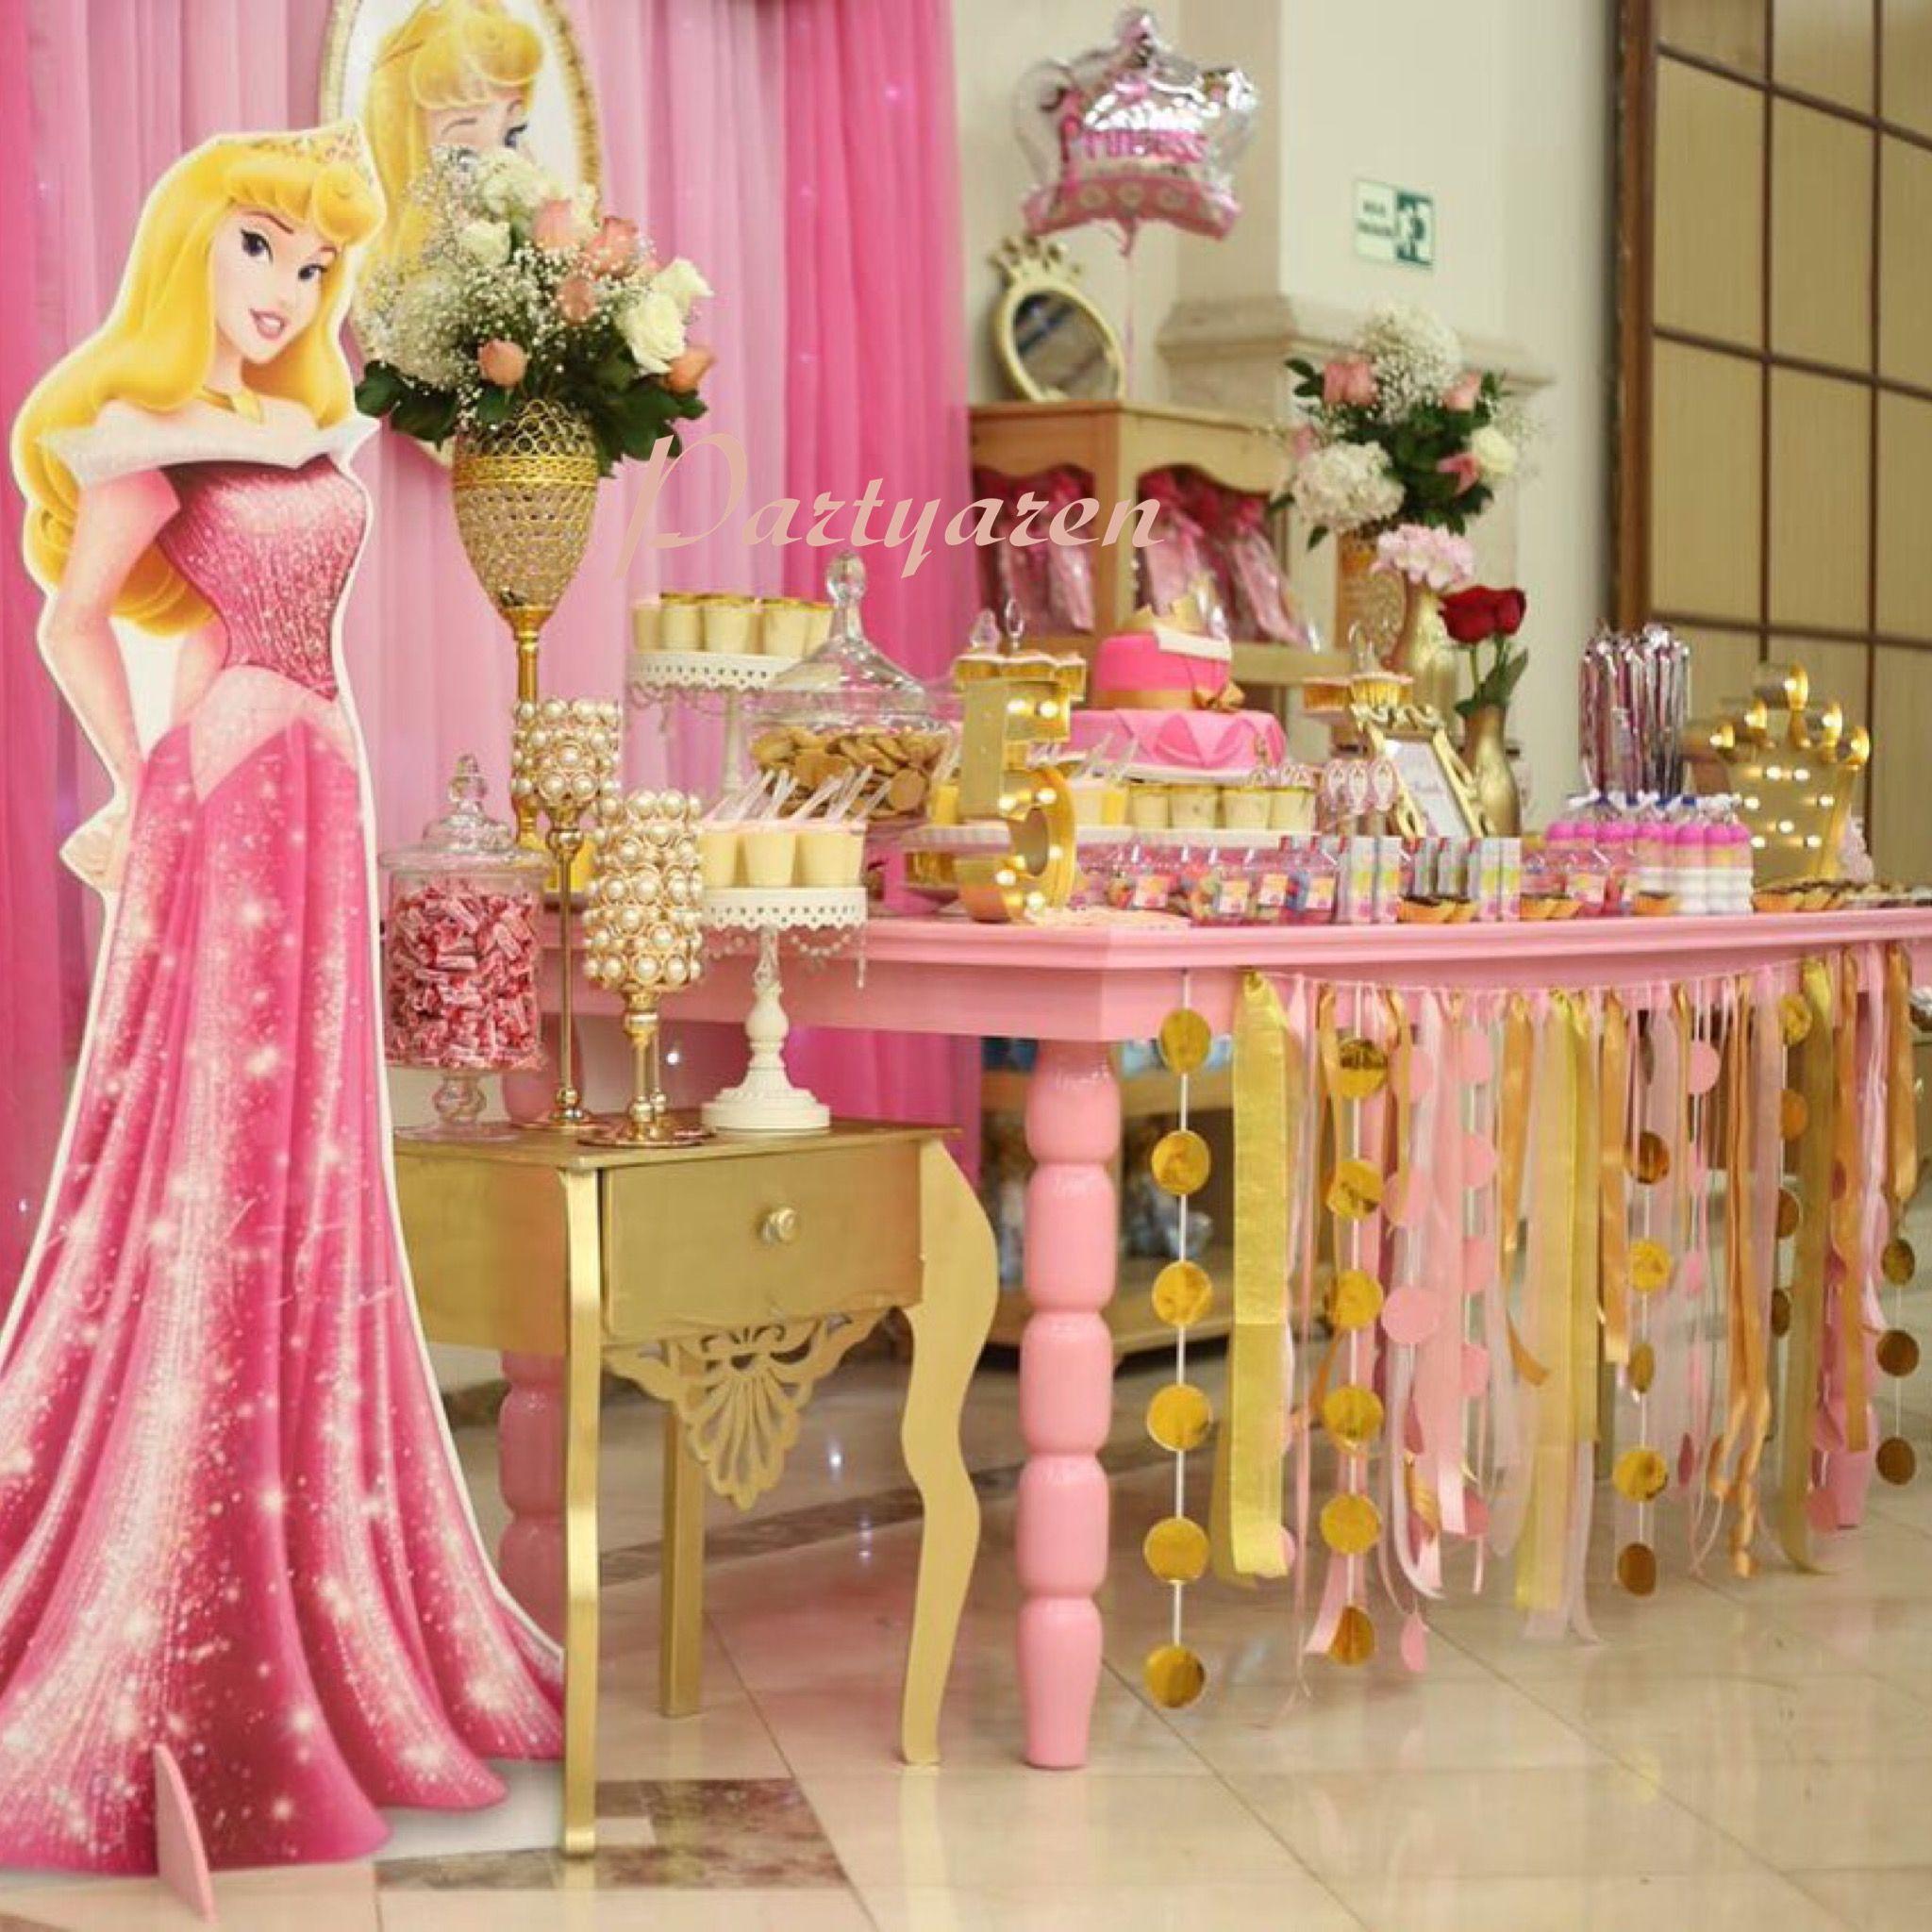 Princesa aurora fiesta princesa princess party fiestas - Fiestas de cumpleanos de princesas ...